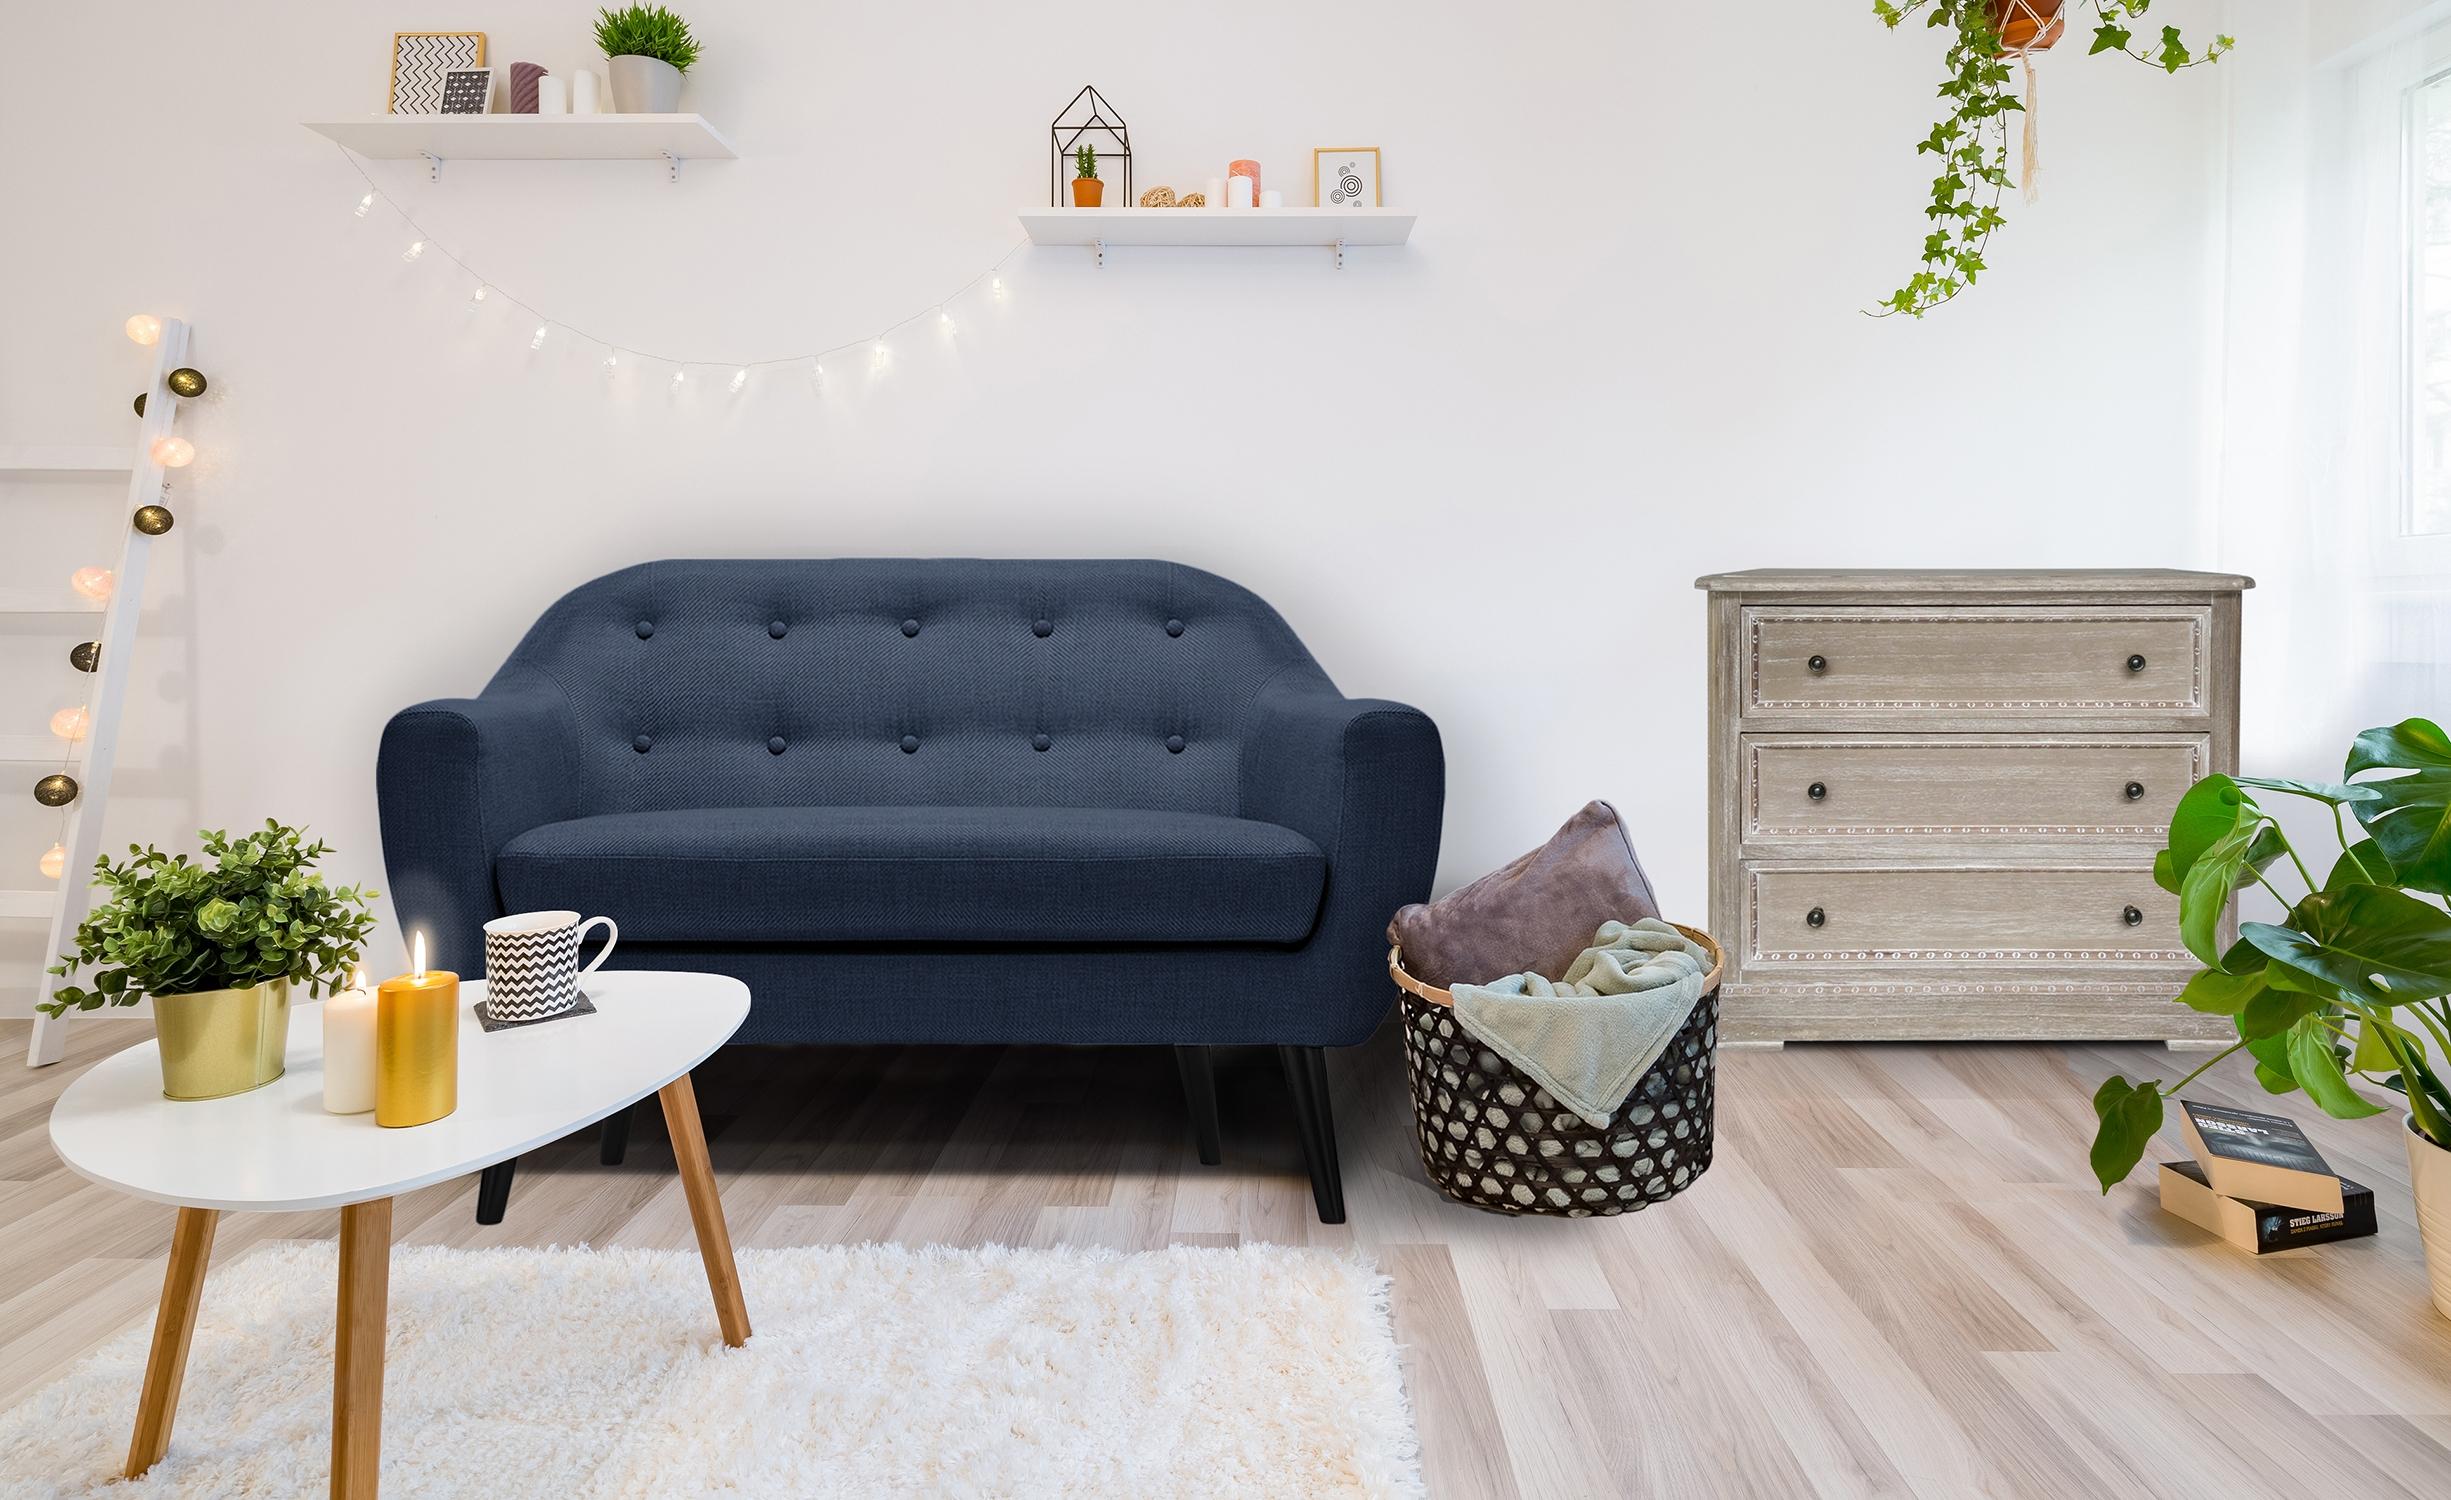 Fidelio Skandinavisches 2-Sitzer Sofa mit Stoffbezug Blau